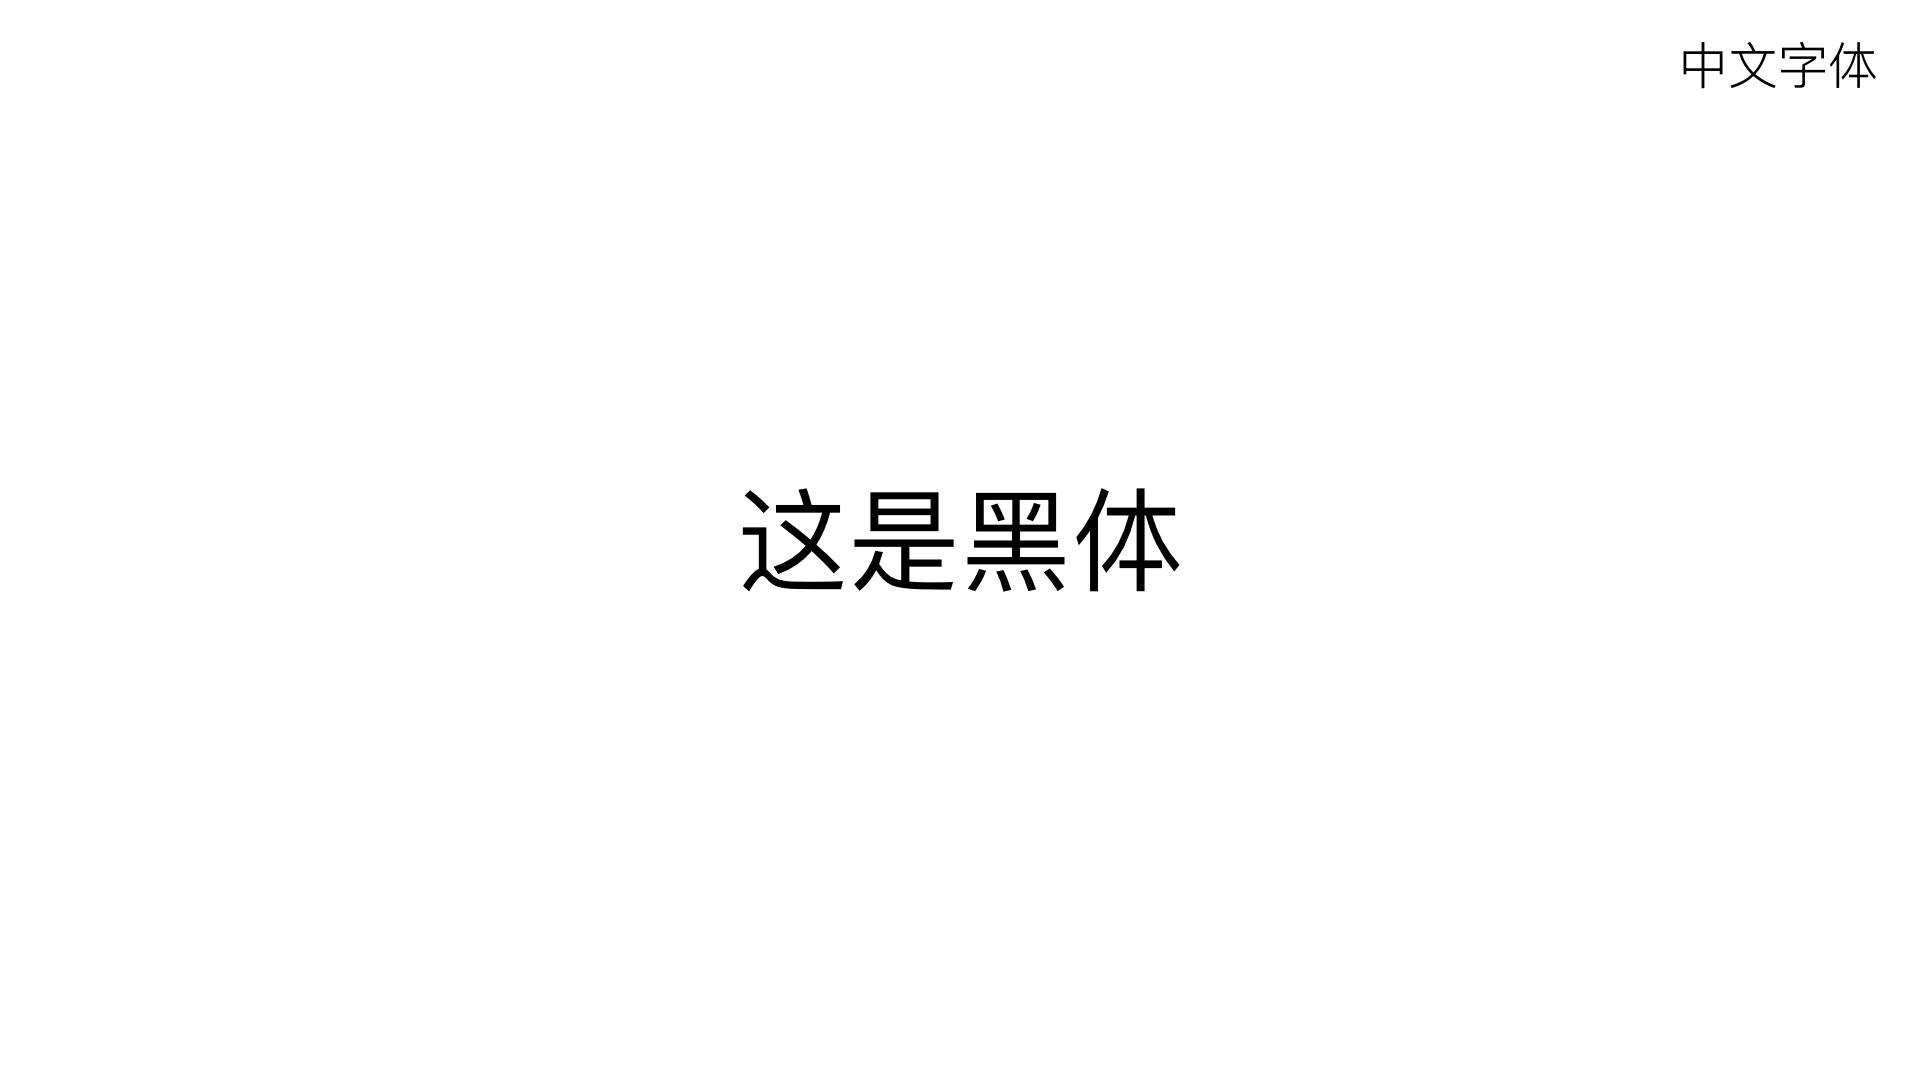 字.028